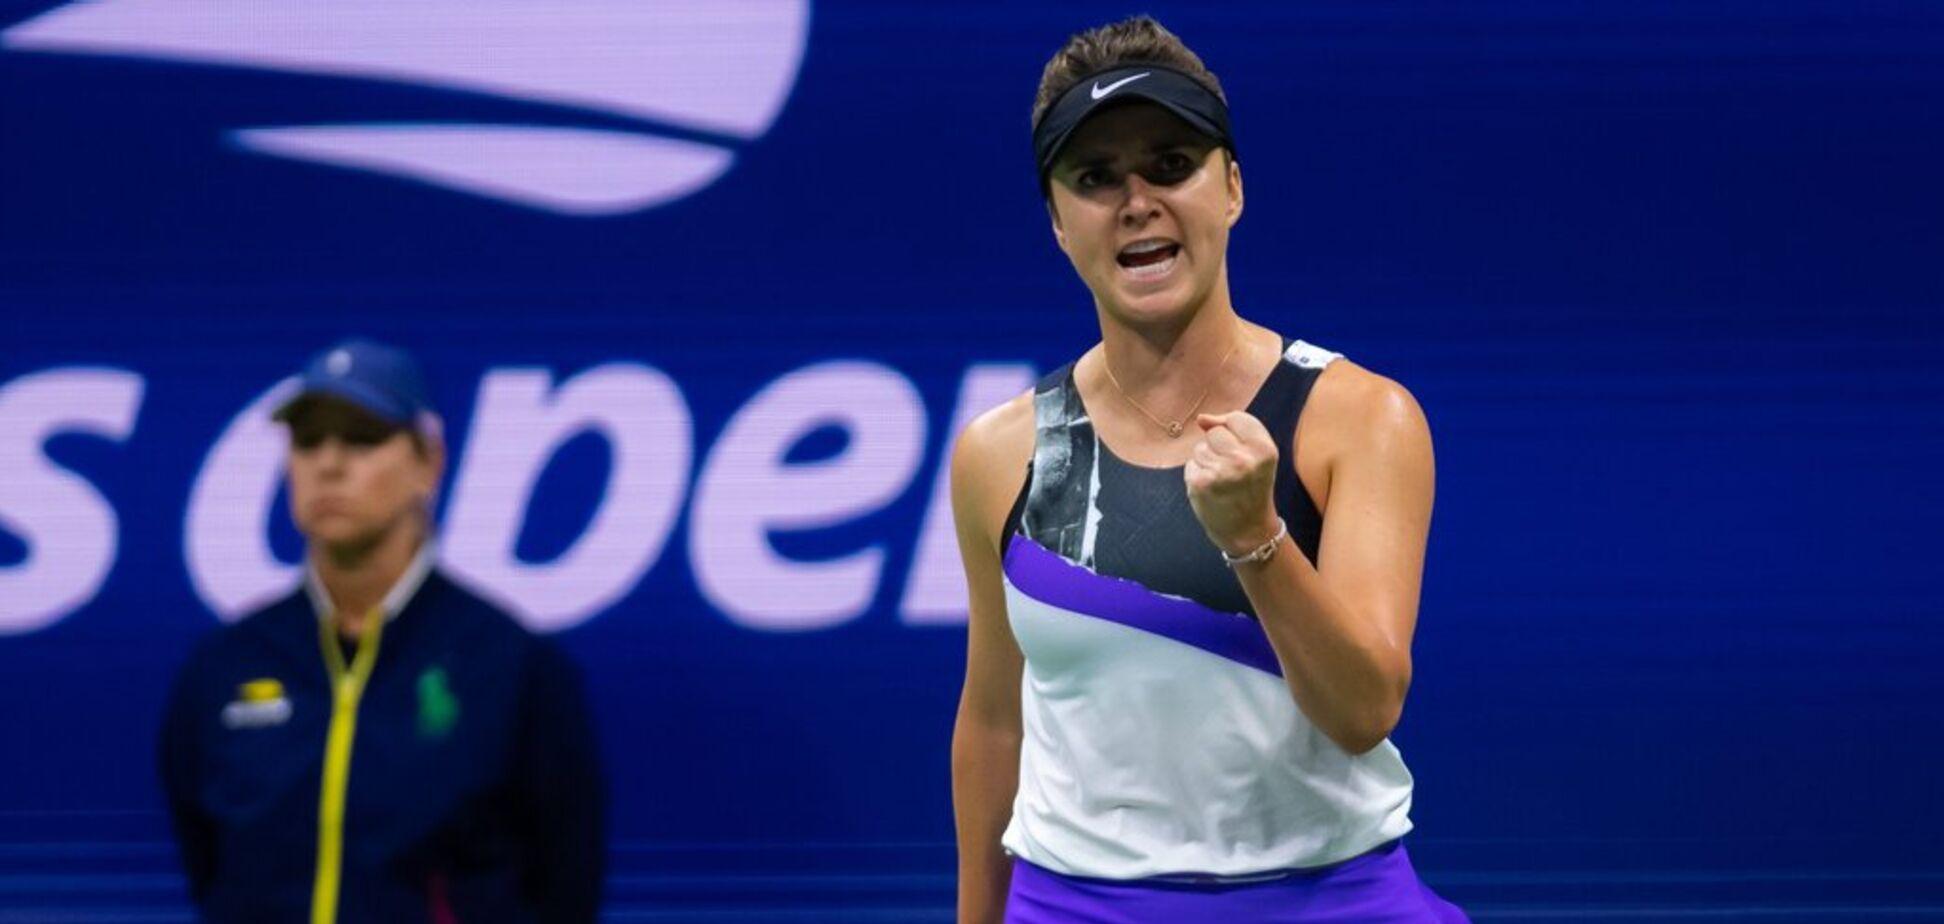 Світоліна – Вільямс прогноз на півфінал US Open